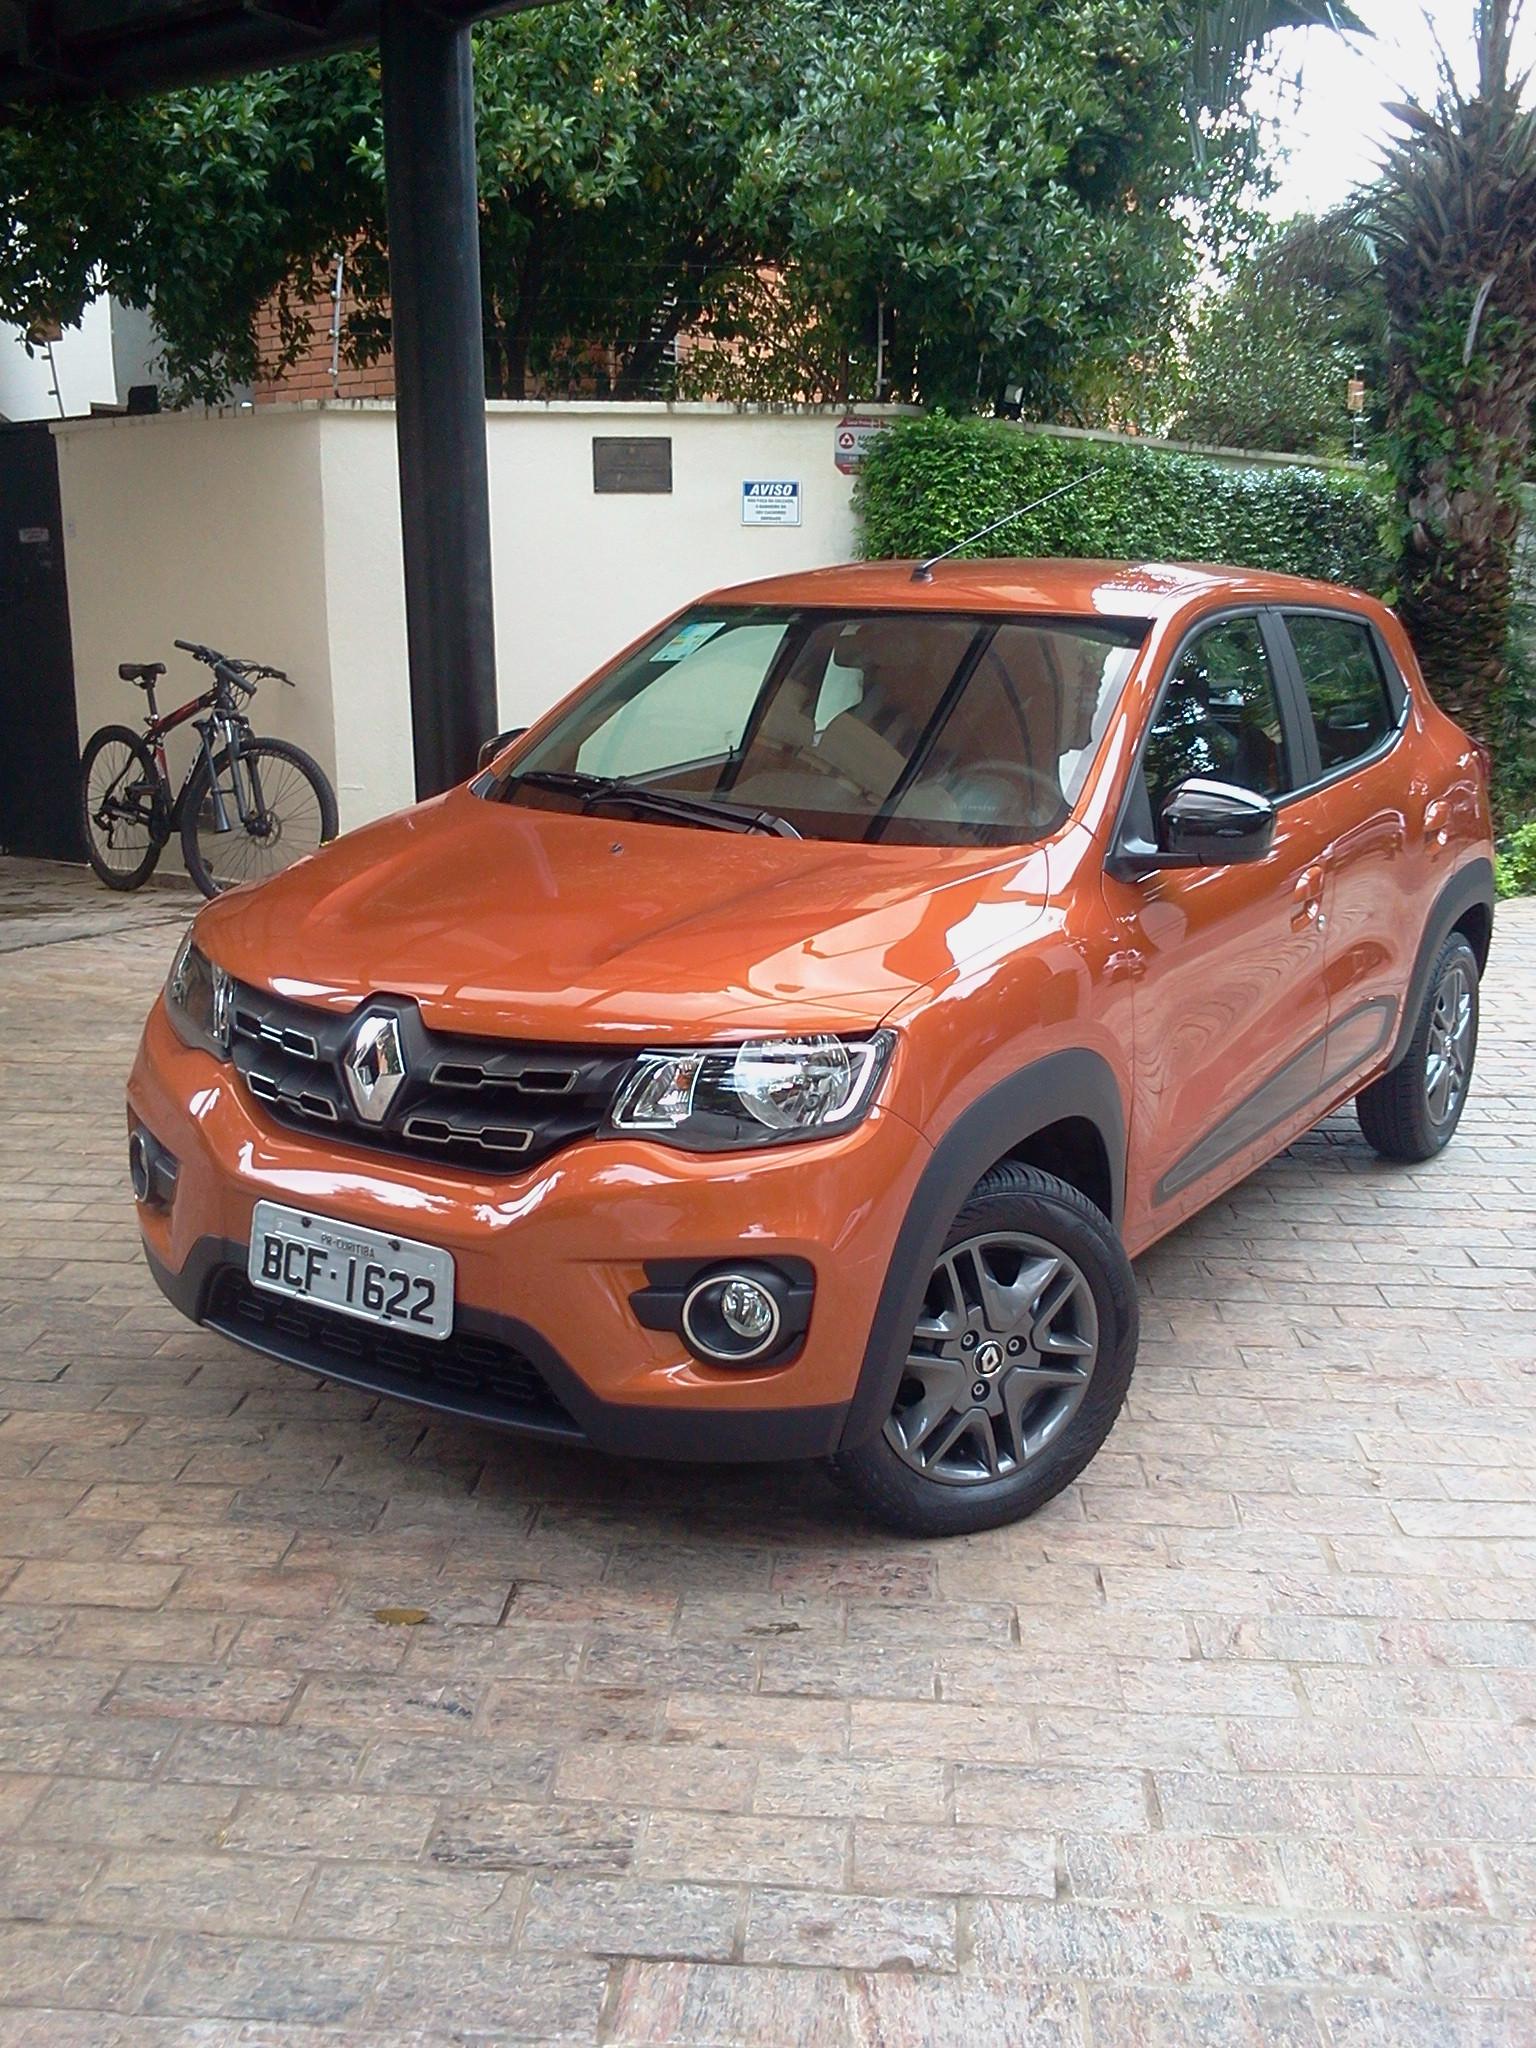 Renault Kwid, o pequeno urbano que já carrega números importantes.